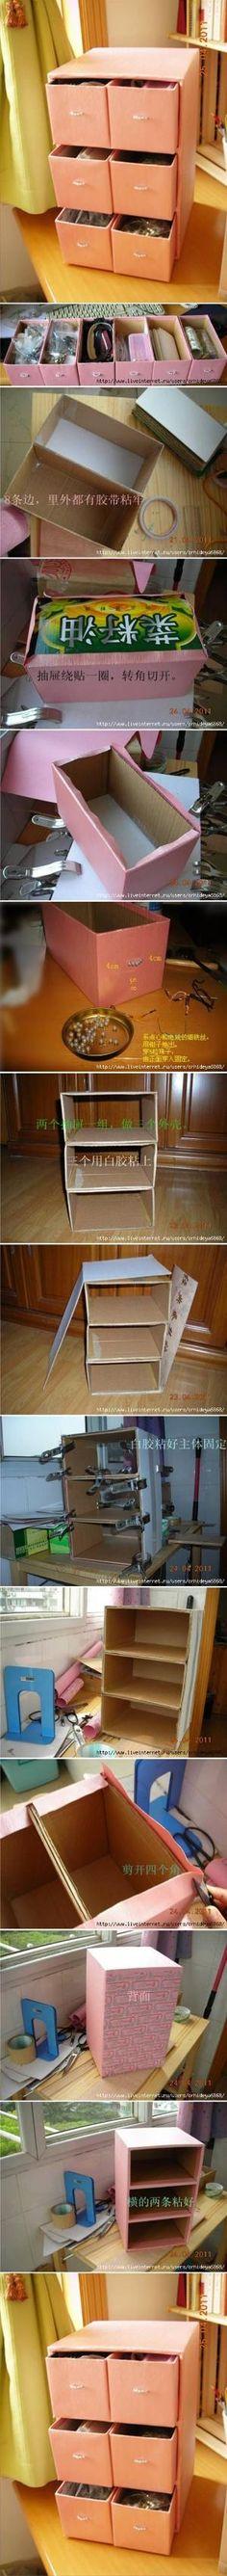 DIY Small Cardboard Chest DIY Small Cardboard Chest by margret